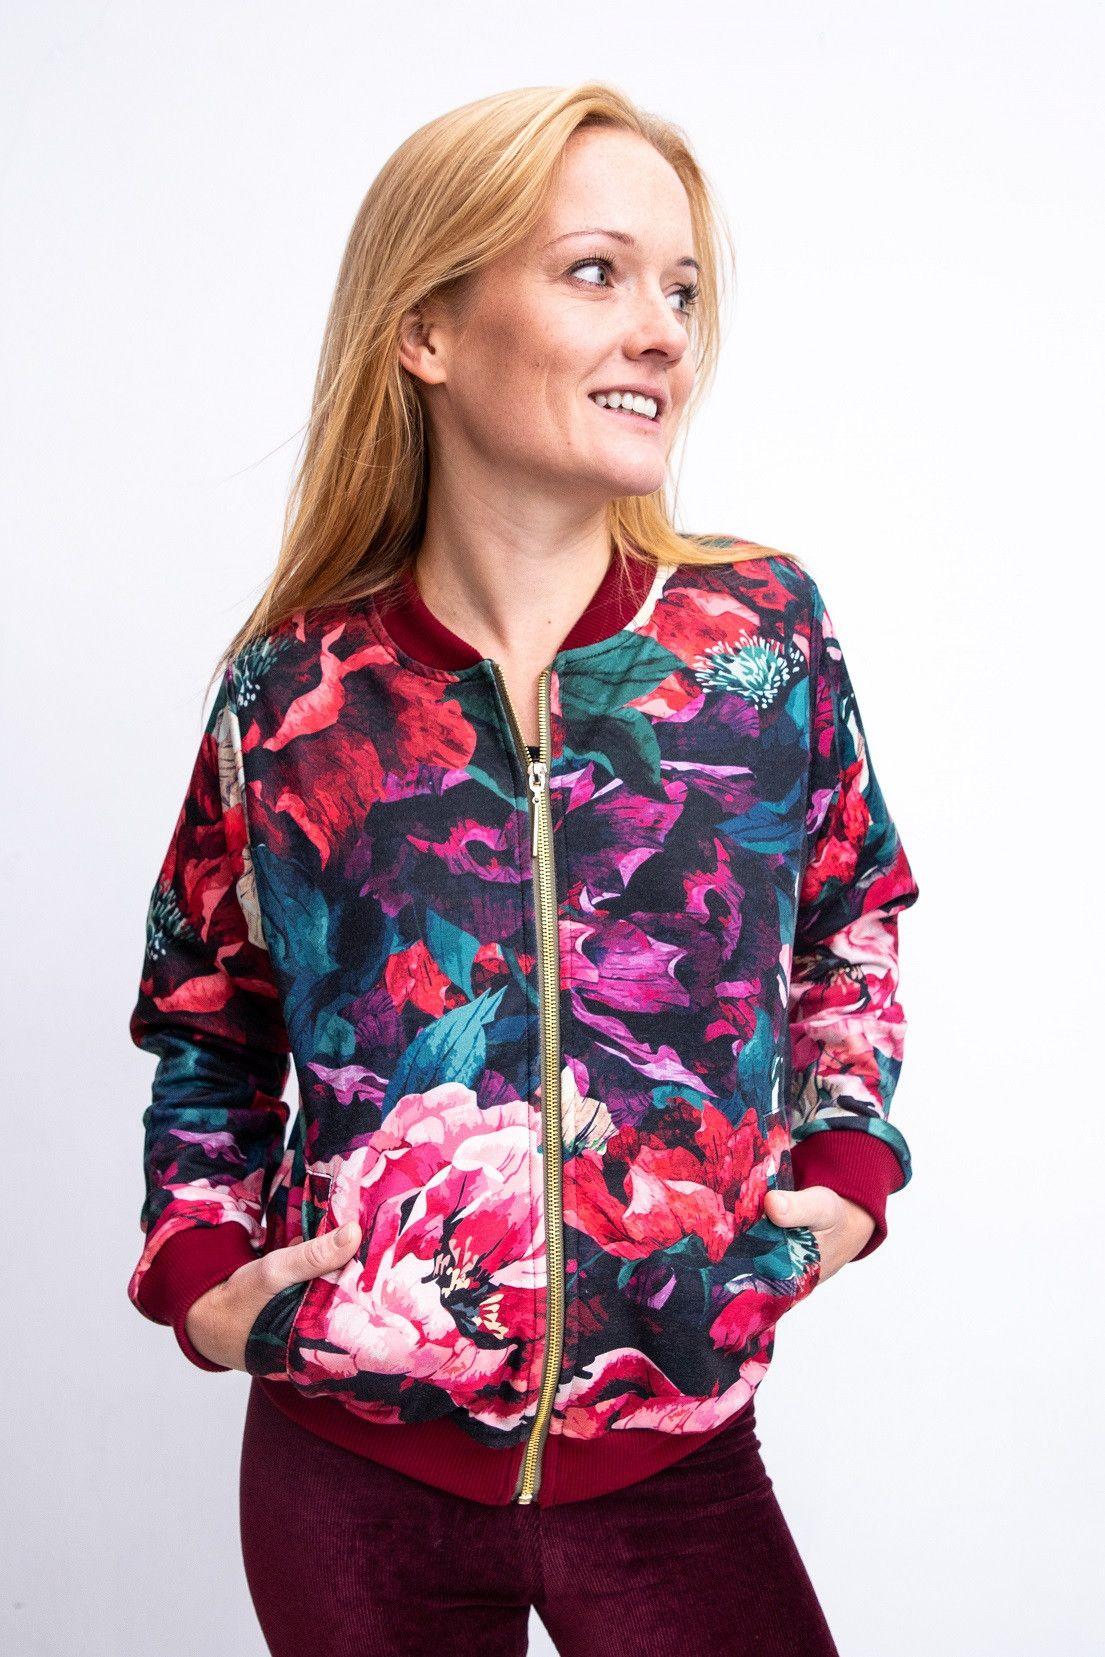 Bluza Kwiaty Dziendobrysklep Clothes Athletic Jacket Red Leather Jacket